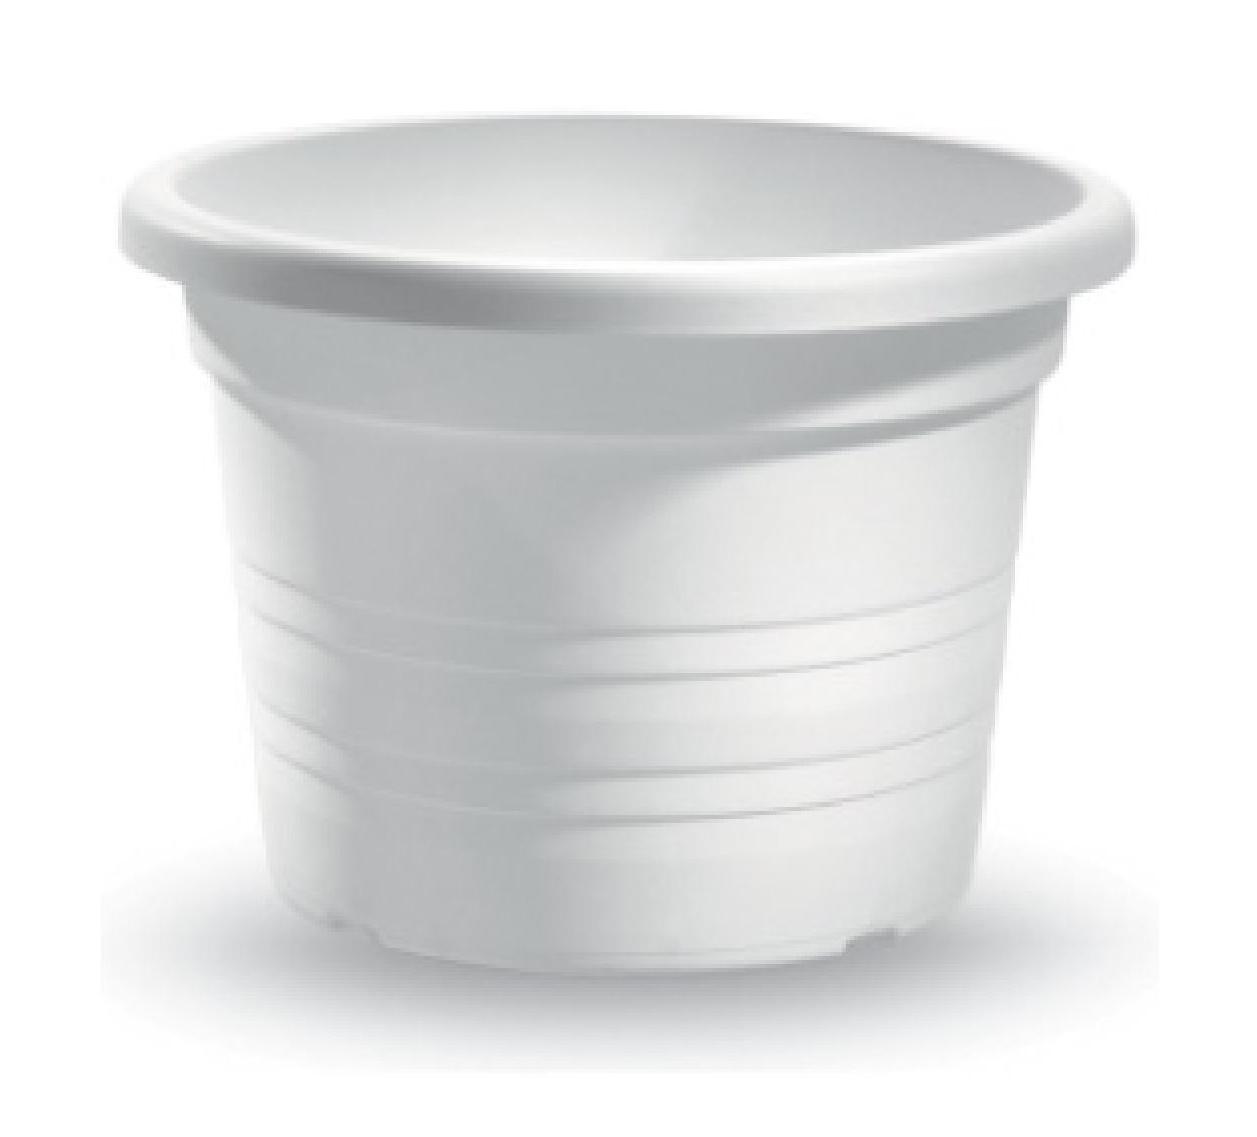 Vasi Interno Grandi Dimensioni vasi per giardinaggio - gemavasi